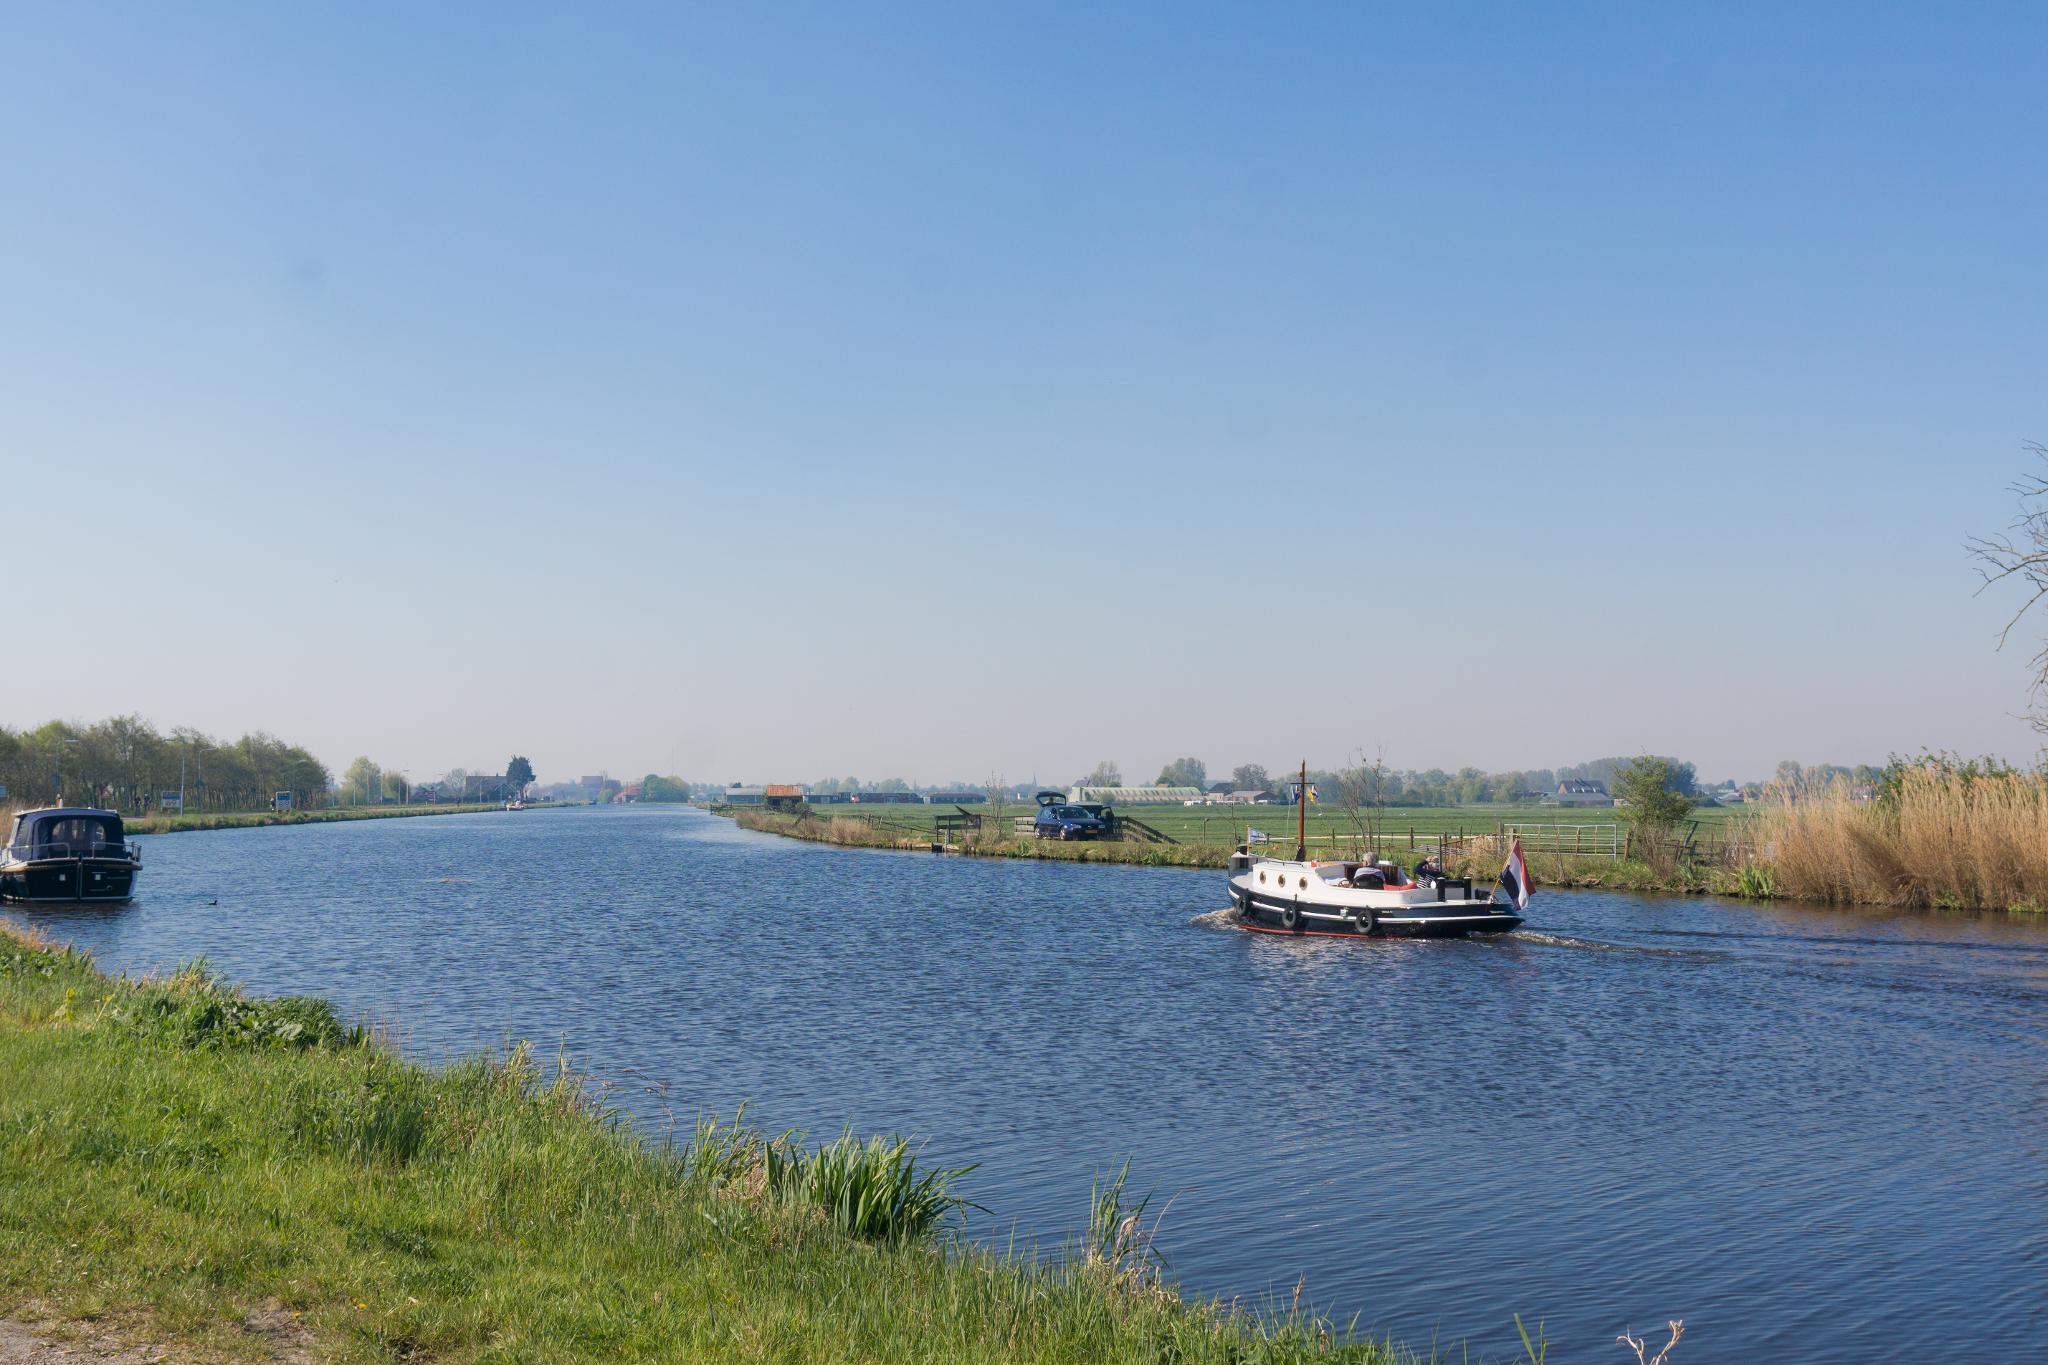 【荷蘭印象】花田嬉事:荷蘭單車花之路 4